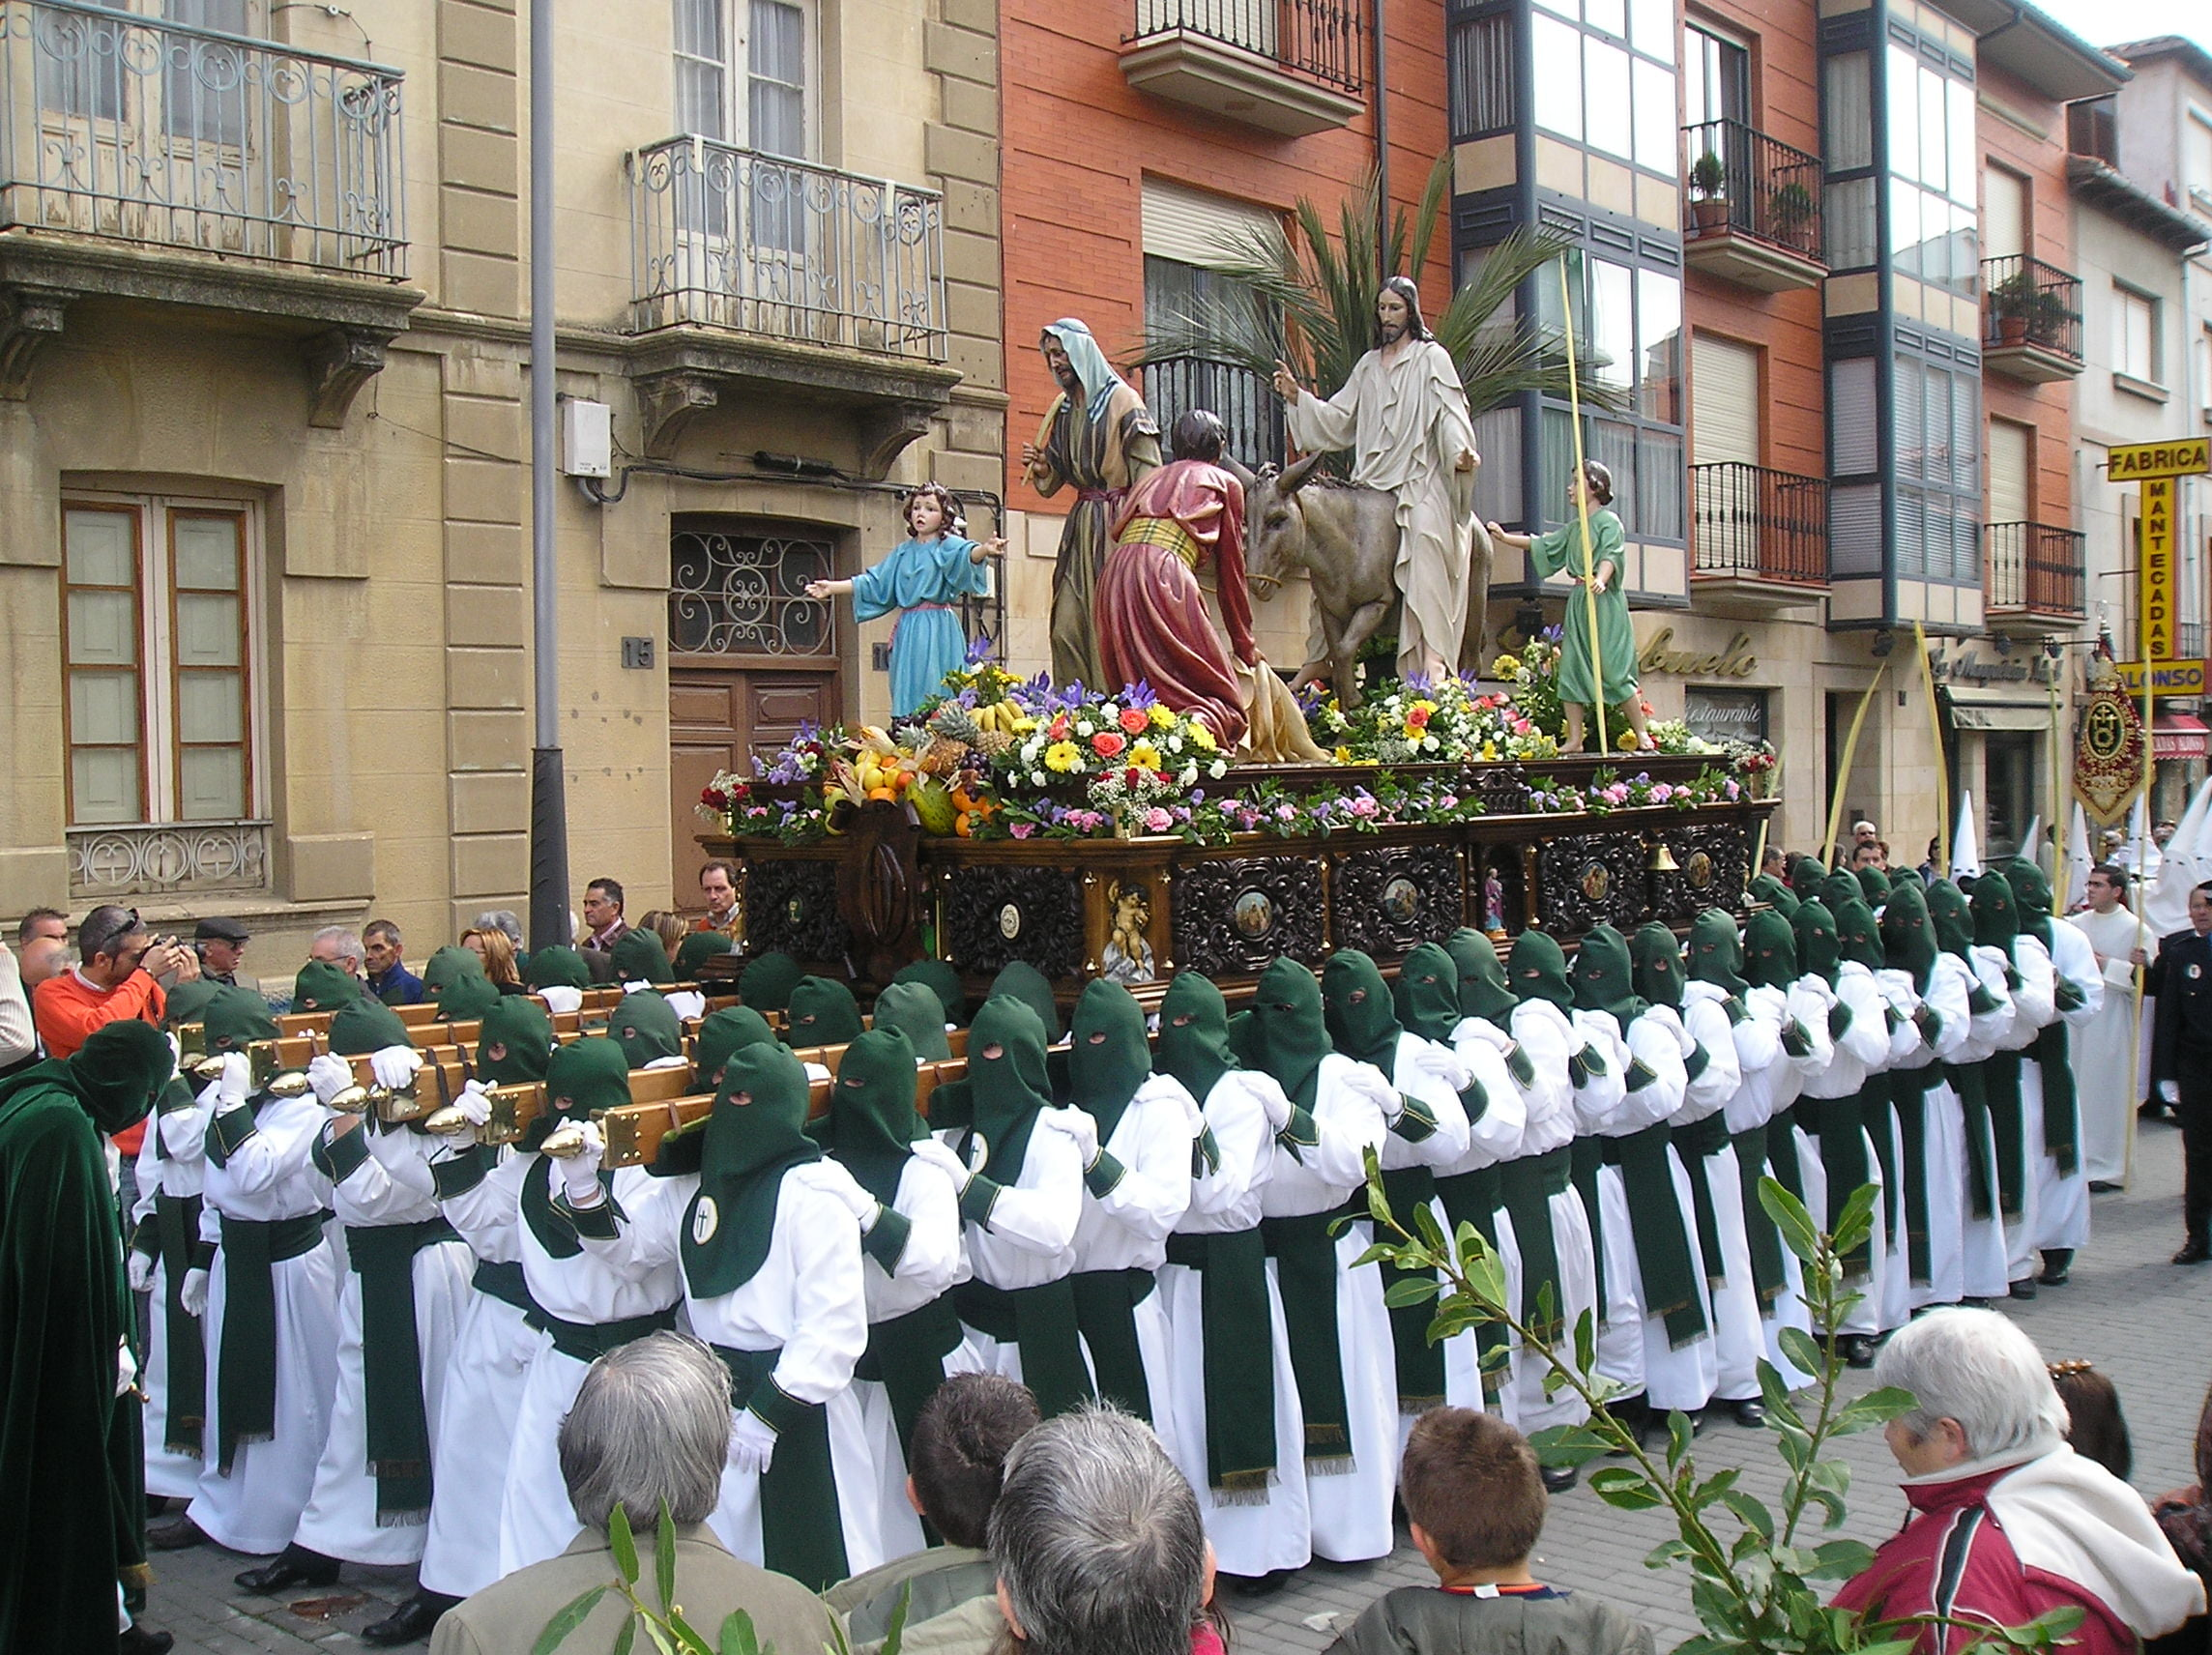 mężczyźni niosą na barkach potężną platformę z figurami świętych